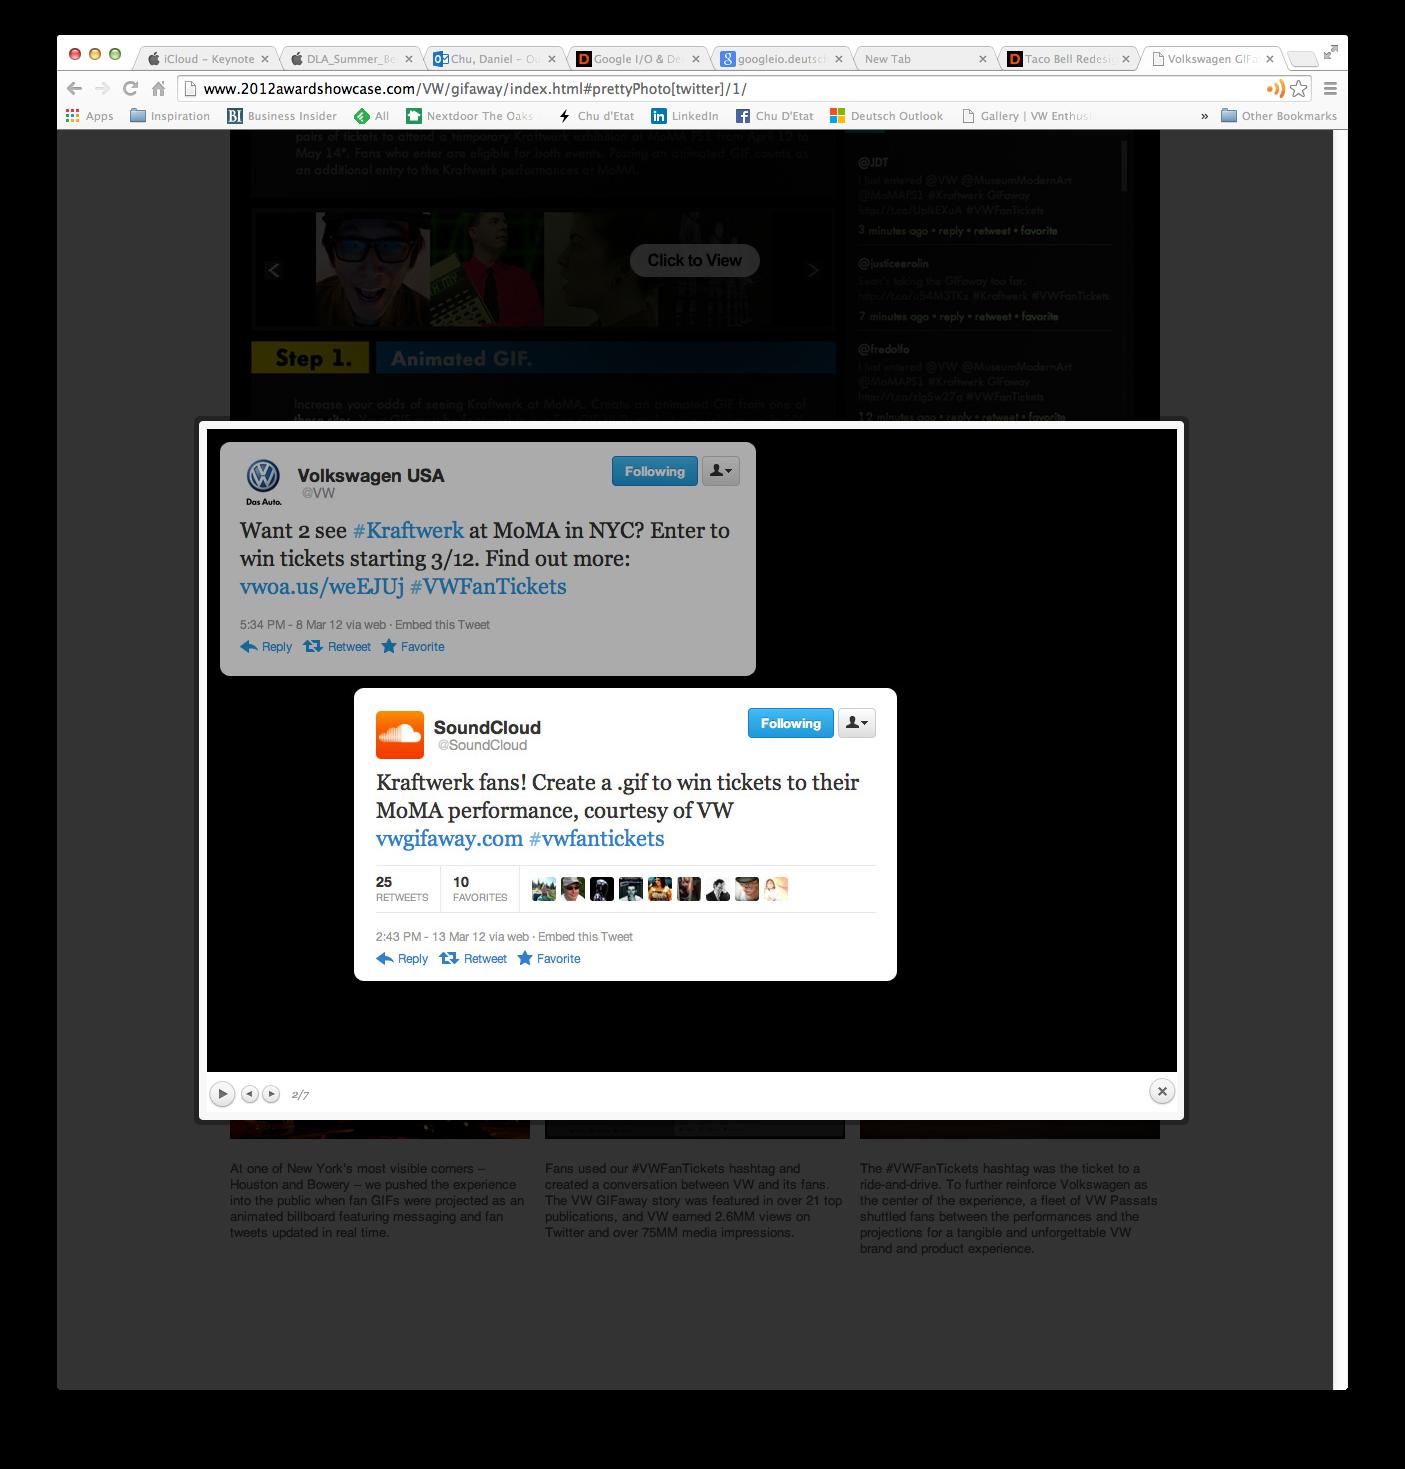 Screen Shot 2014-08-18 at 12.11.28 PM.png